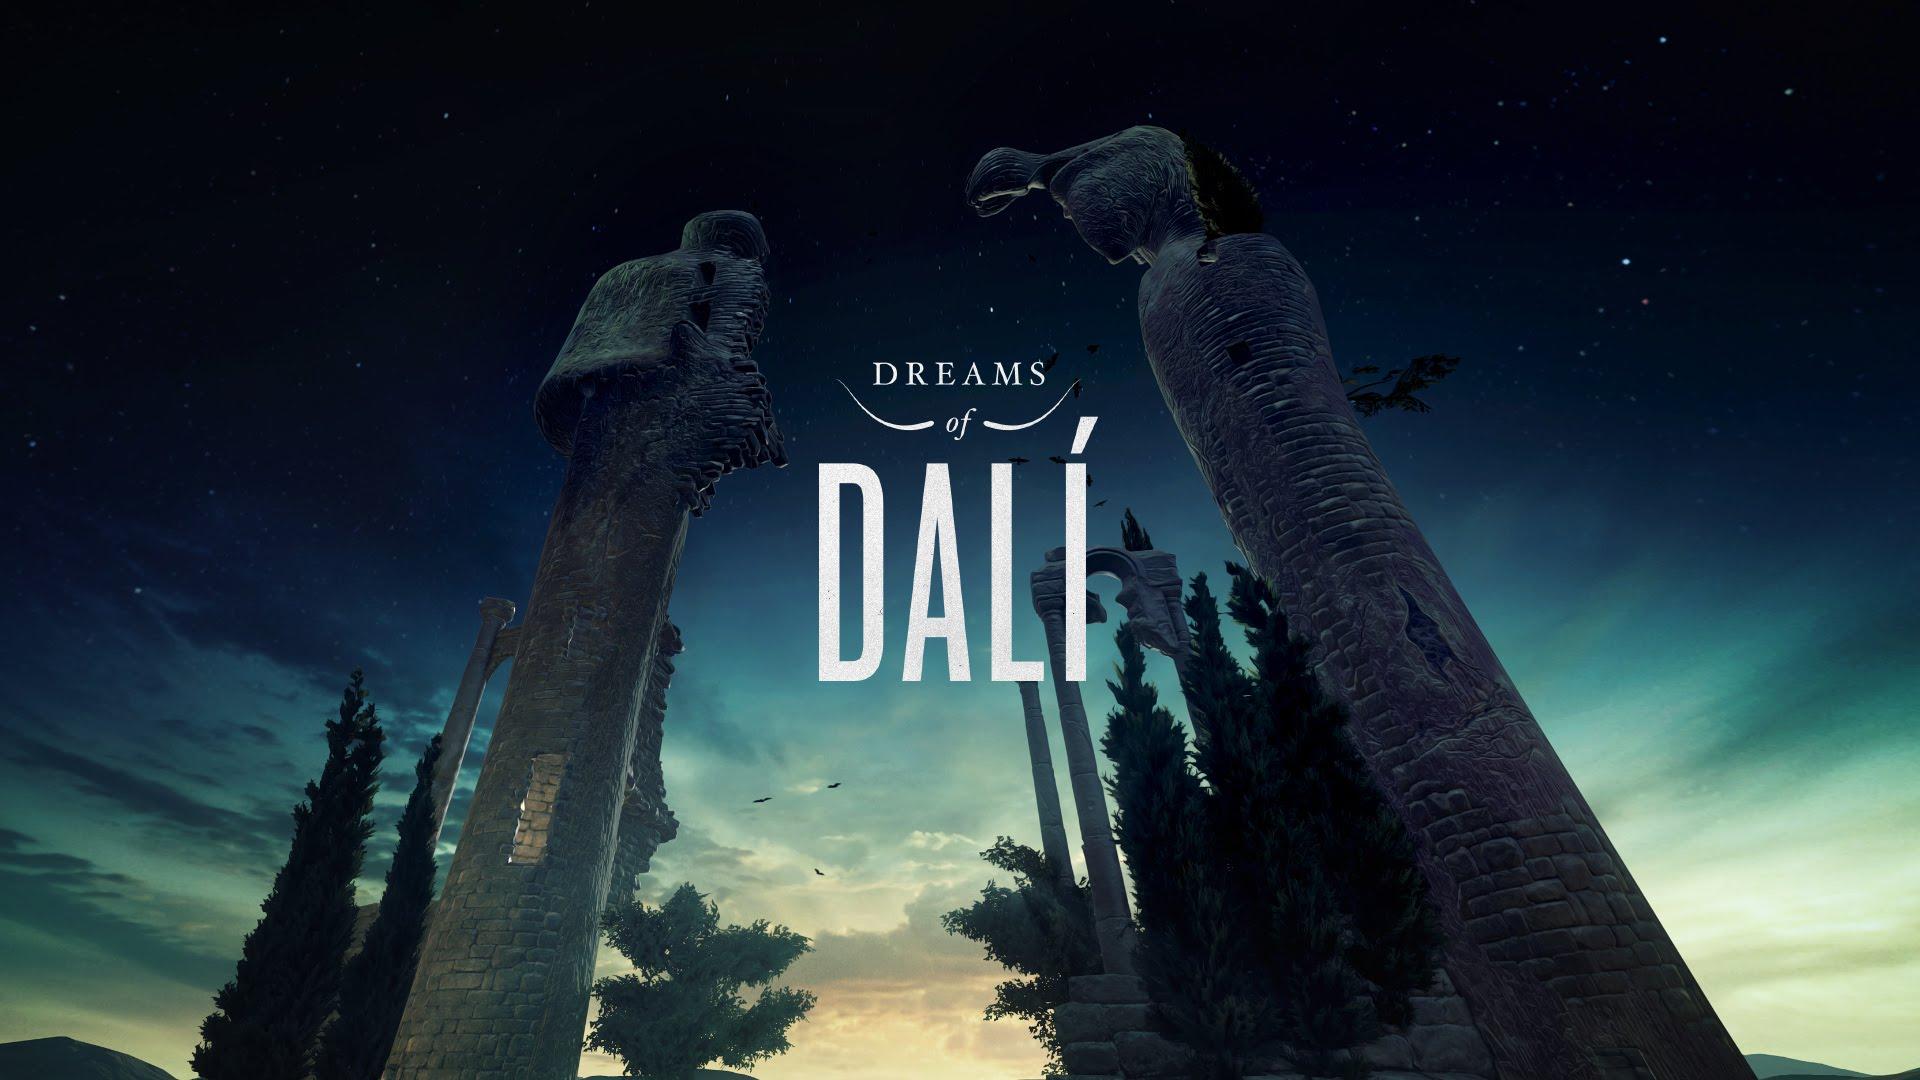 Fig 1. Dreams of Dalí https://www.youtube.com/watch?v=F1eLeIocAc